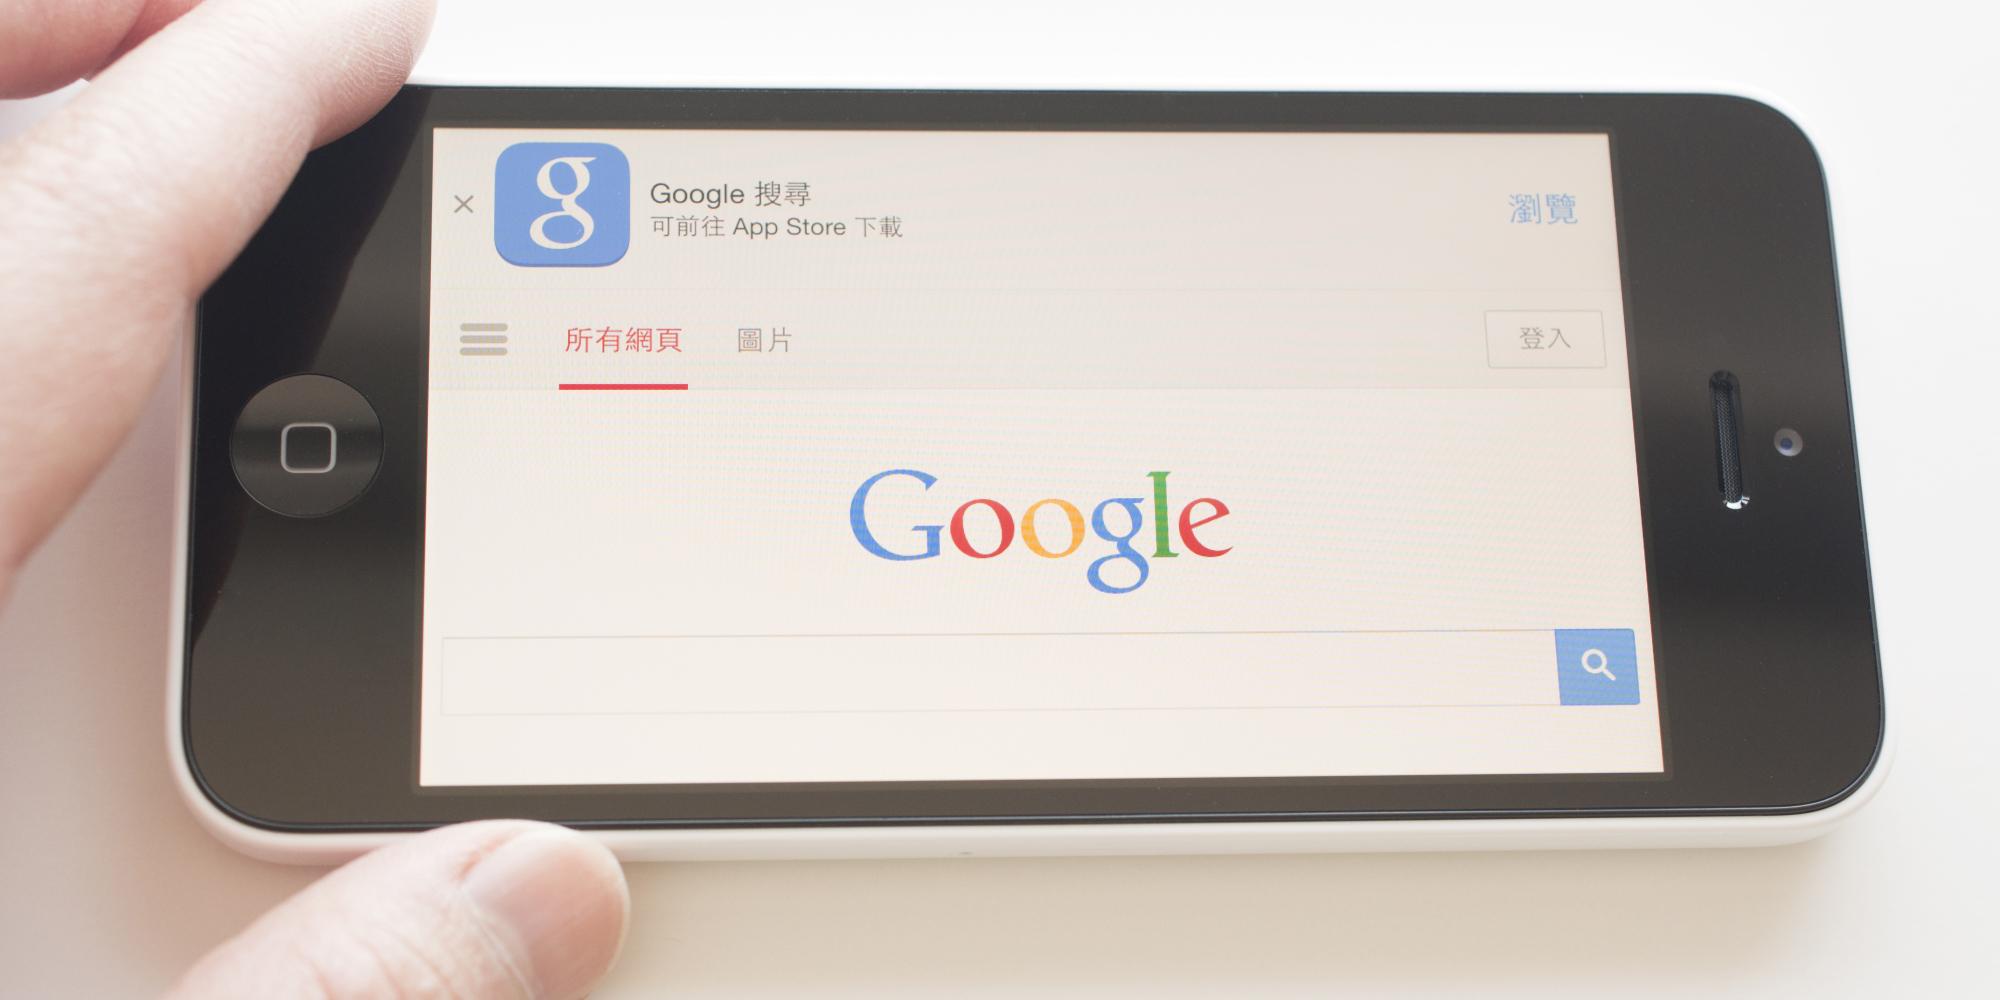 جوجل تتخلى عن الشيفرات المرسلة بـSMS وتستبدلها بنظام 2SV الجديد.. هذه مميزاته